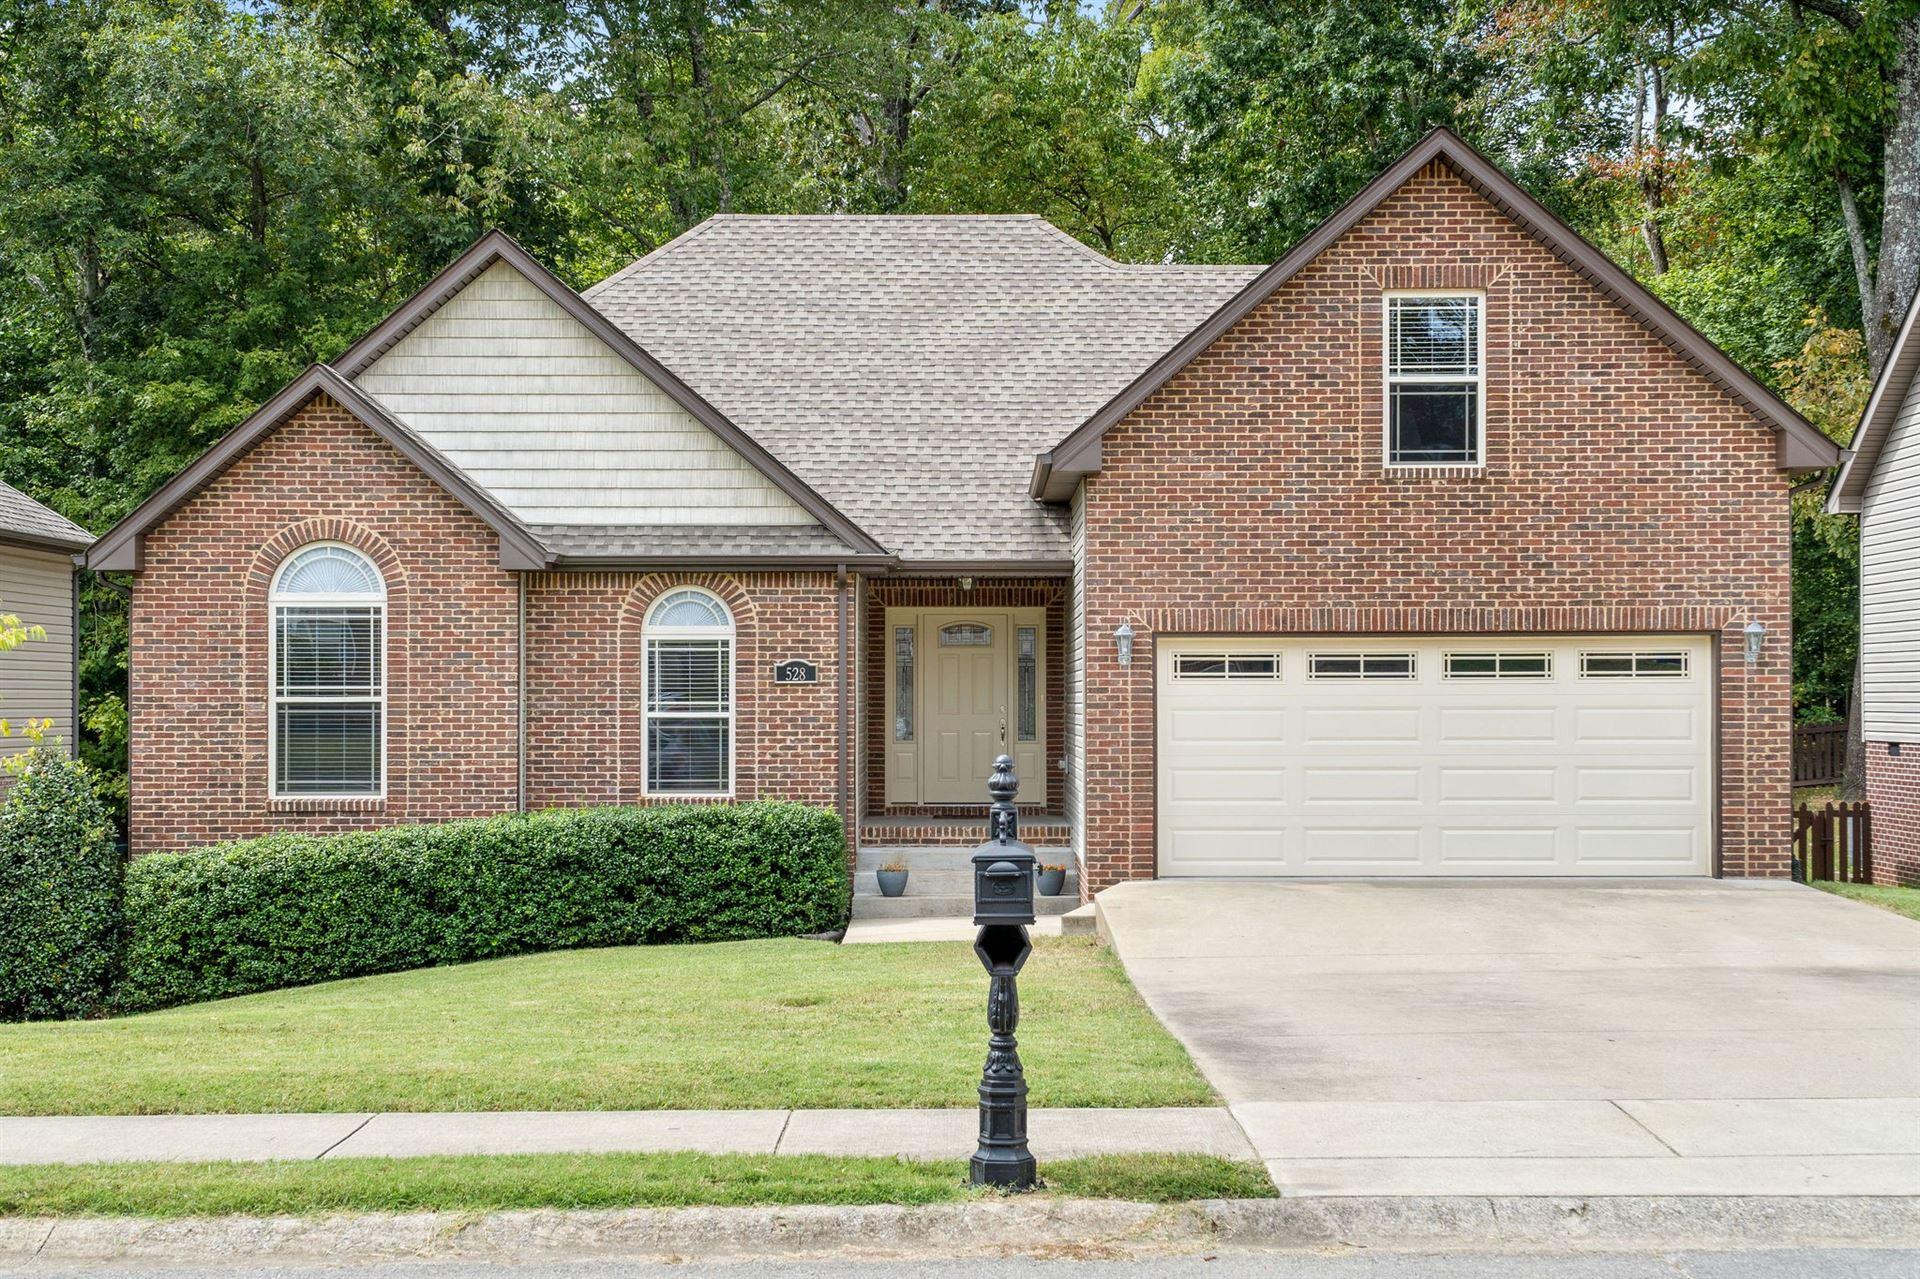 528 Parkvue Village Way, Clarksville, TN 37043 - MLS#: 2190731